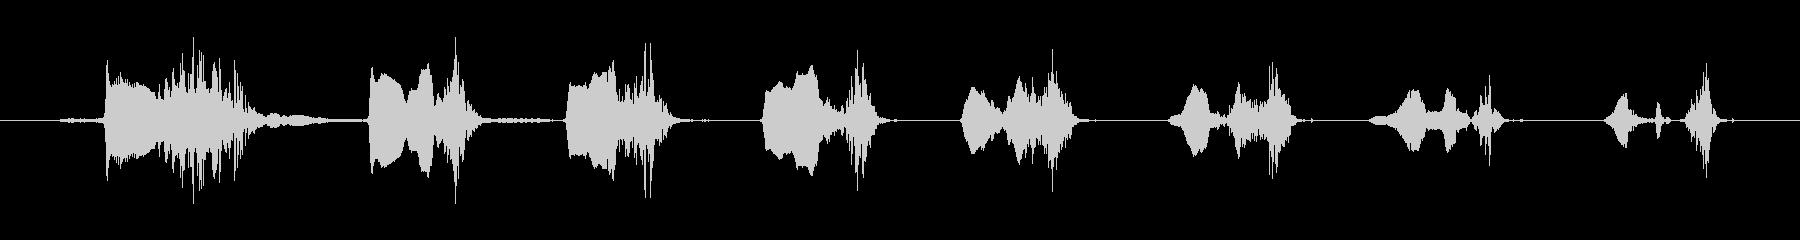 鳴き声 笑い声02の未再生の波形